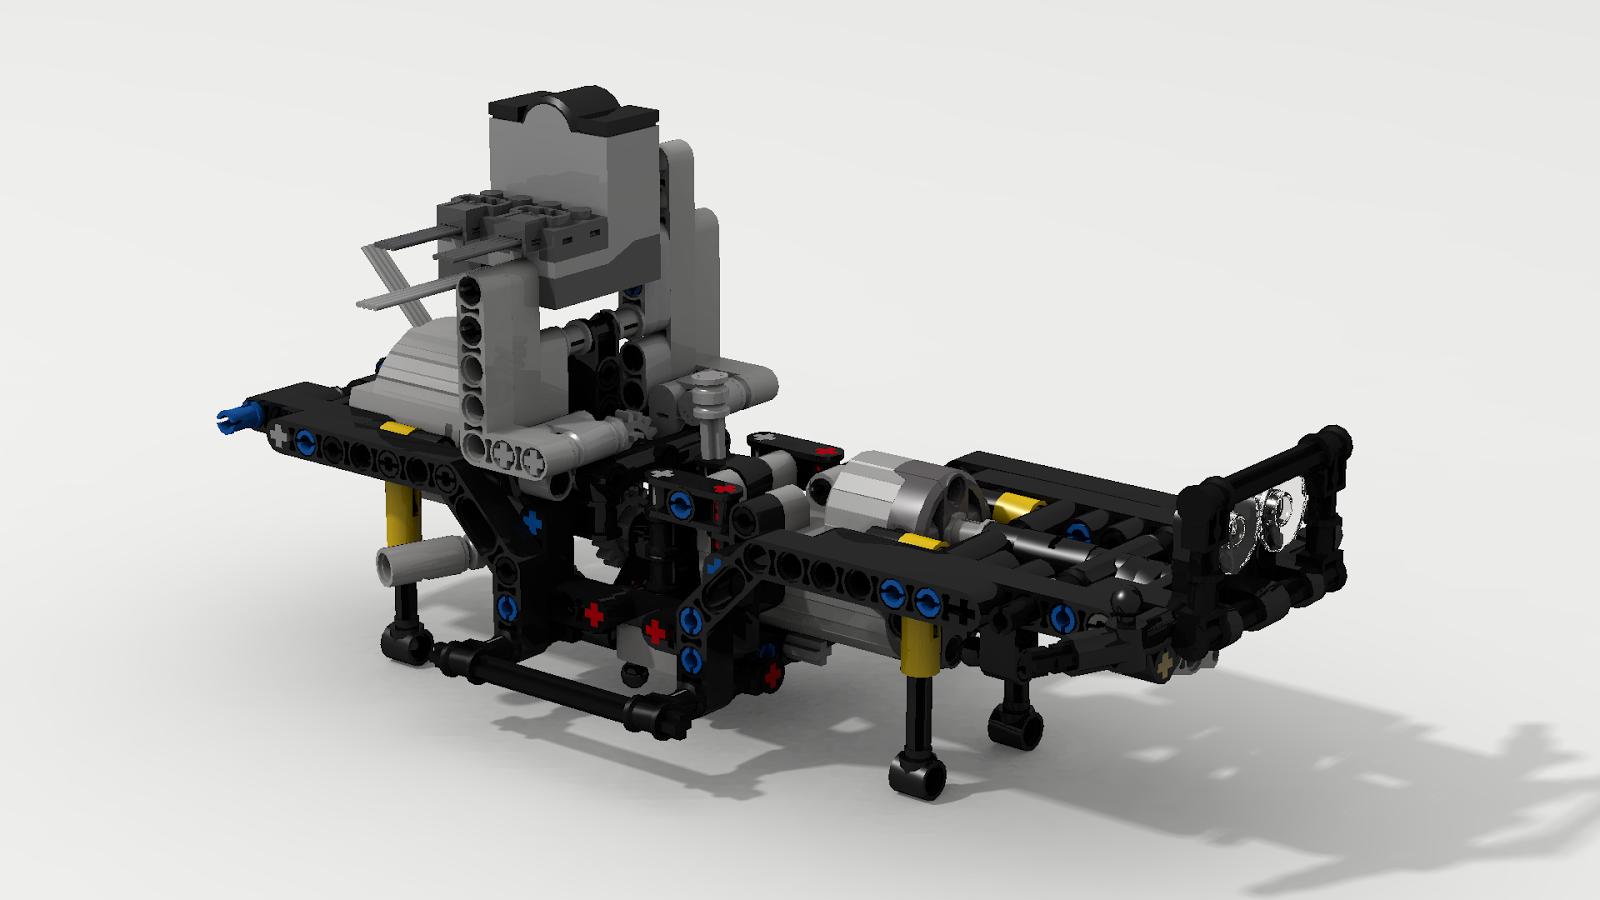 Filsawgood Lego Technic Creations Lego Technic Suzuki Jimny Trophy